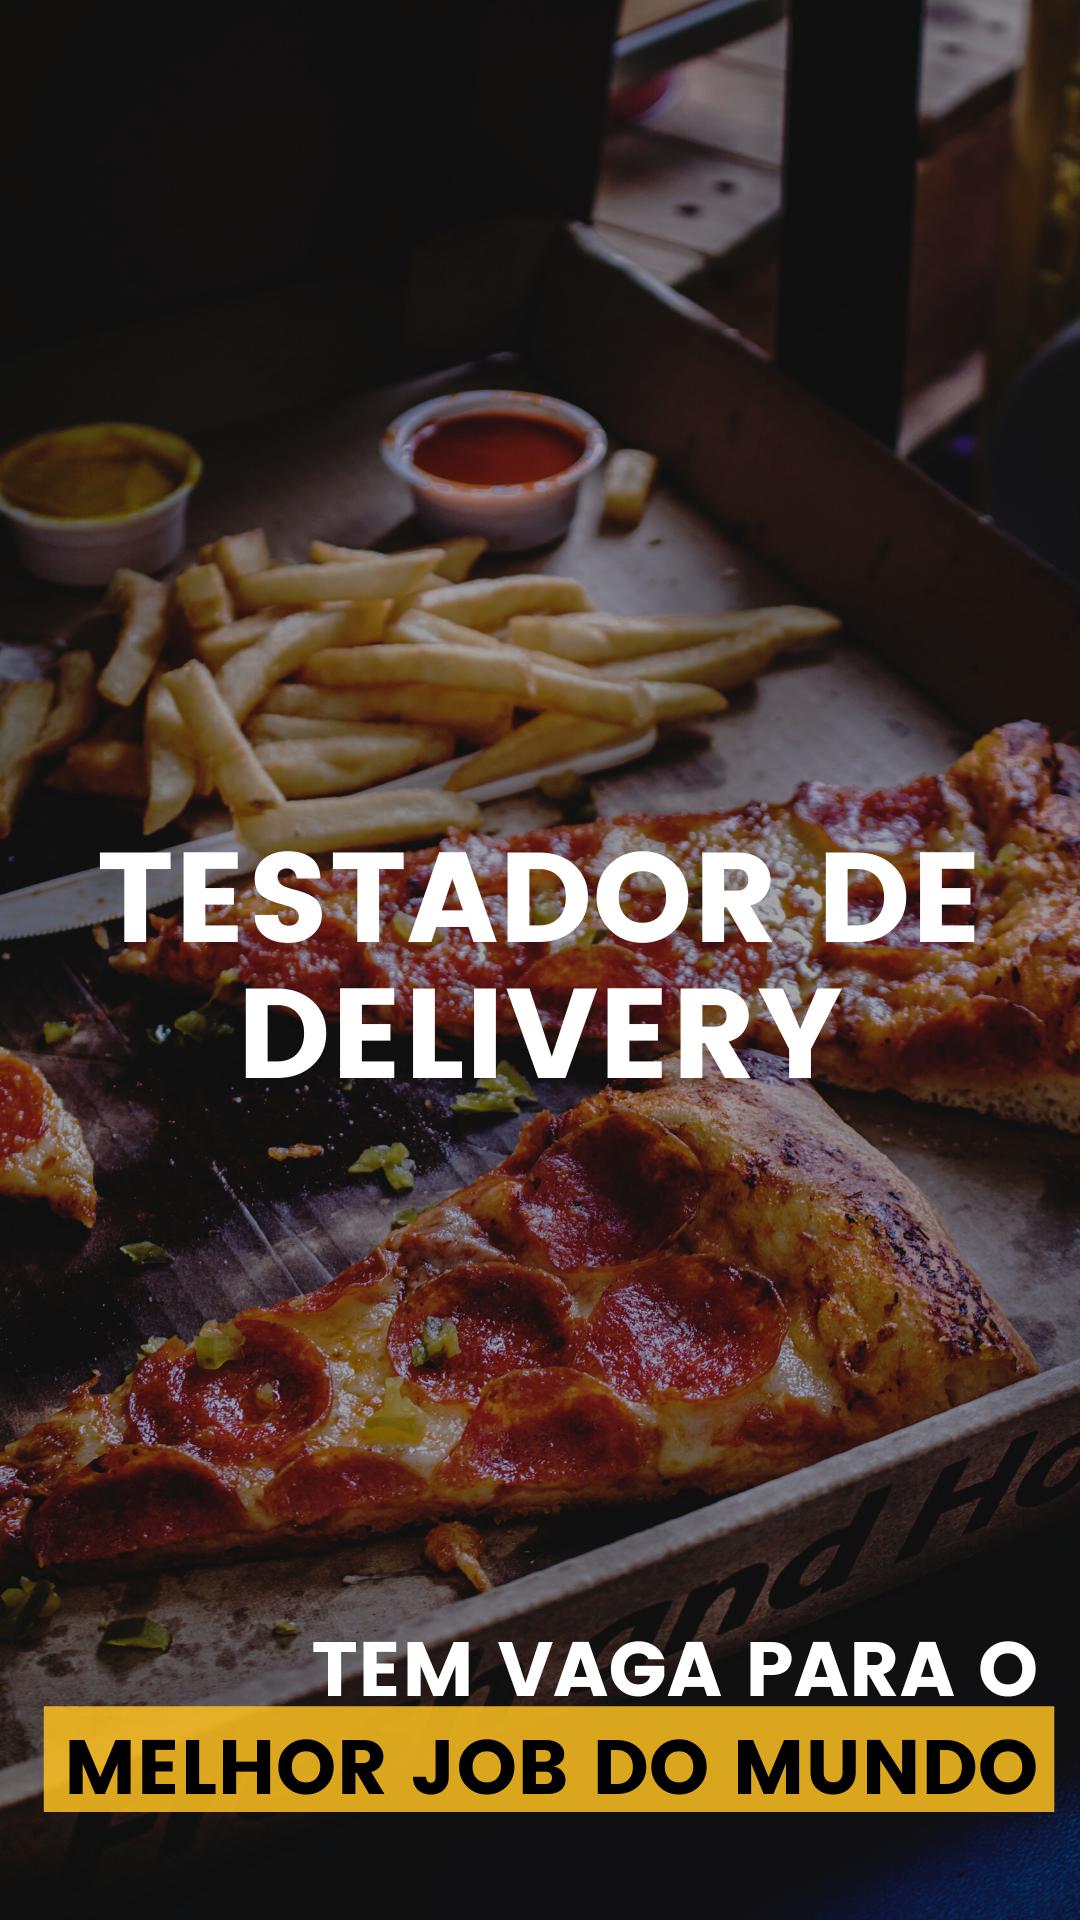 Testador de Delivery